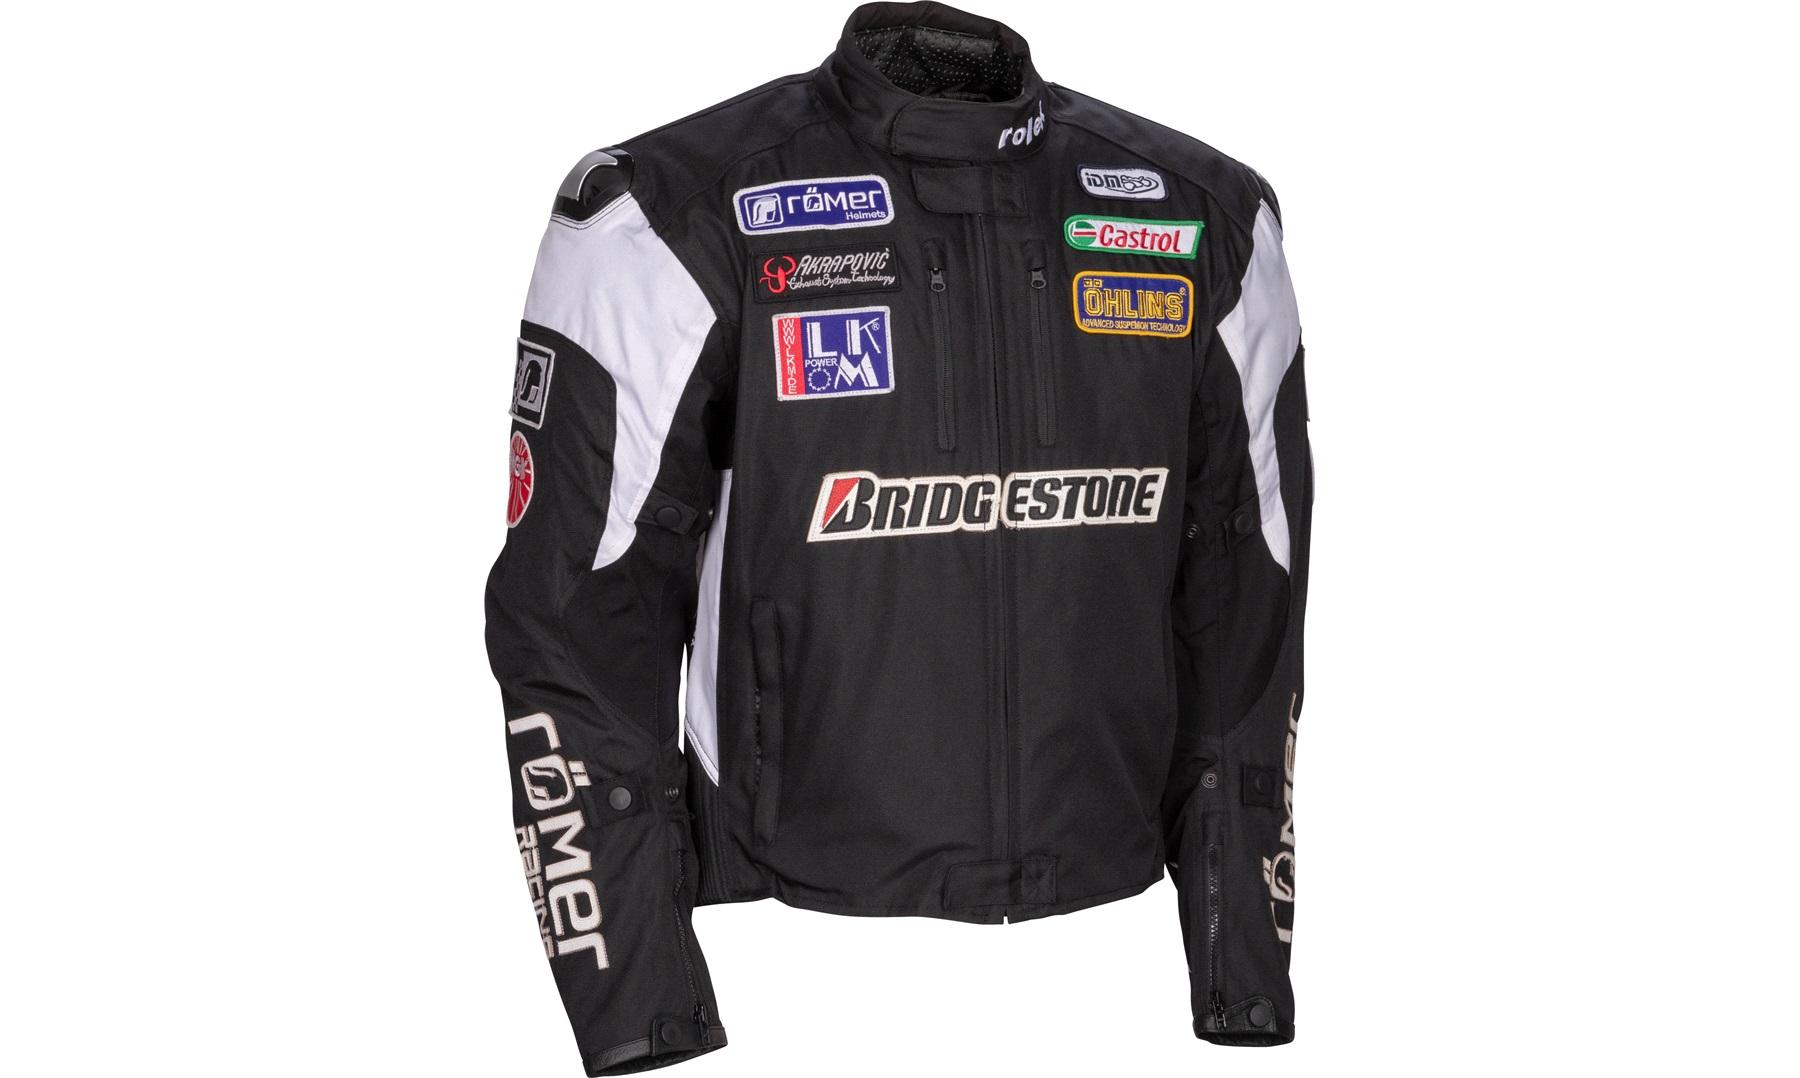 Roleff sponsor jakke, kort sort medium Tekstil thansen.no